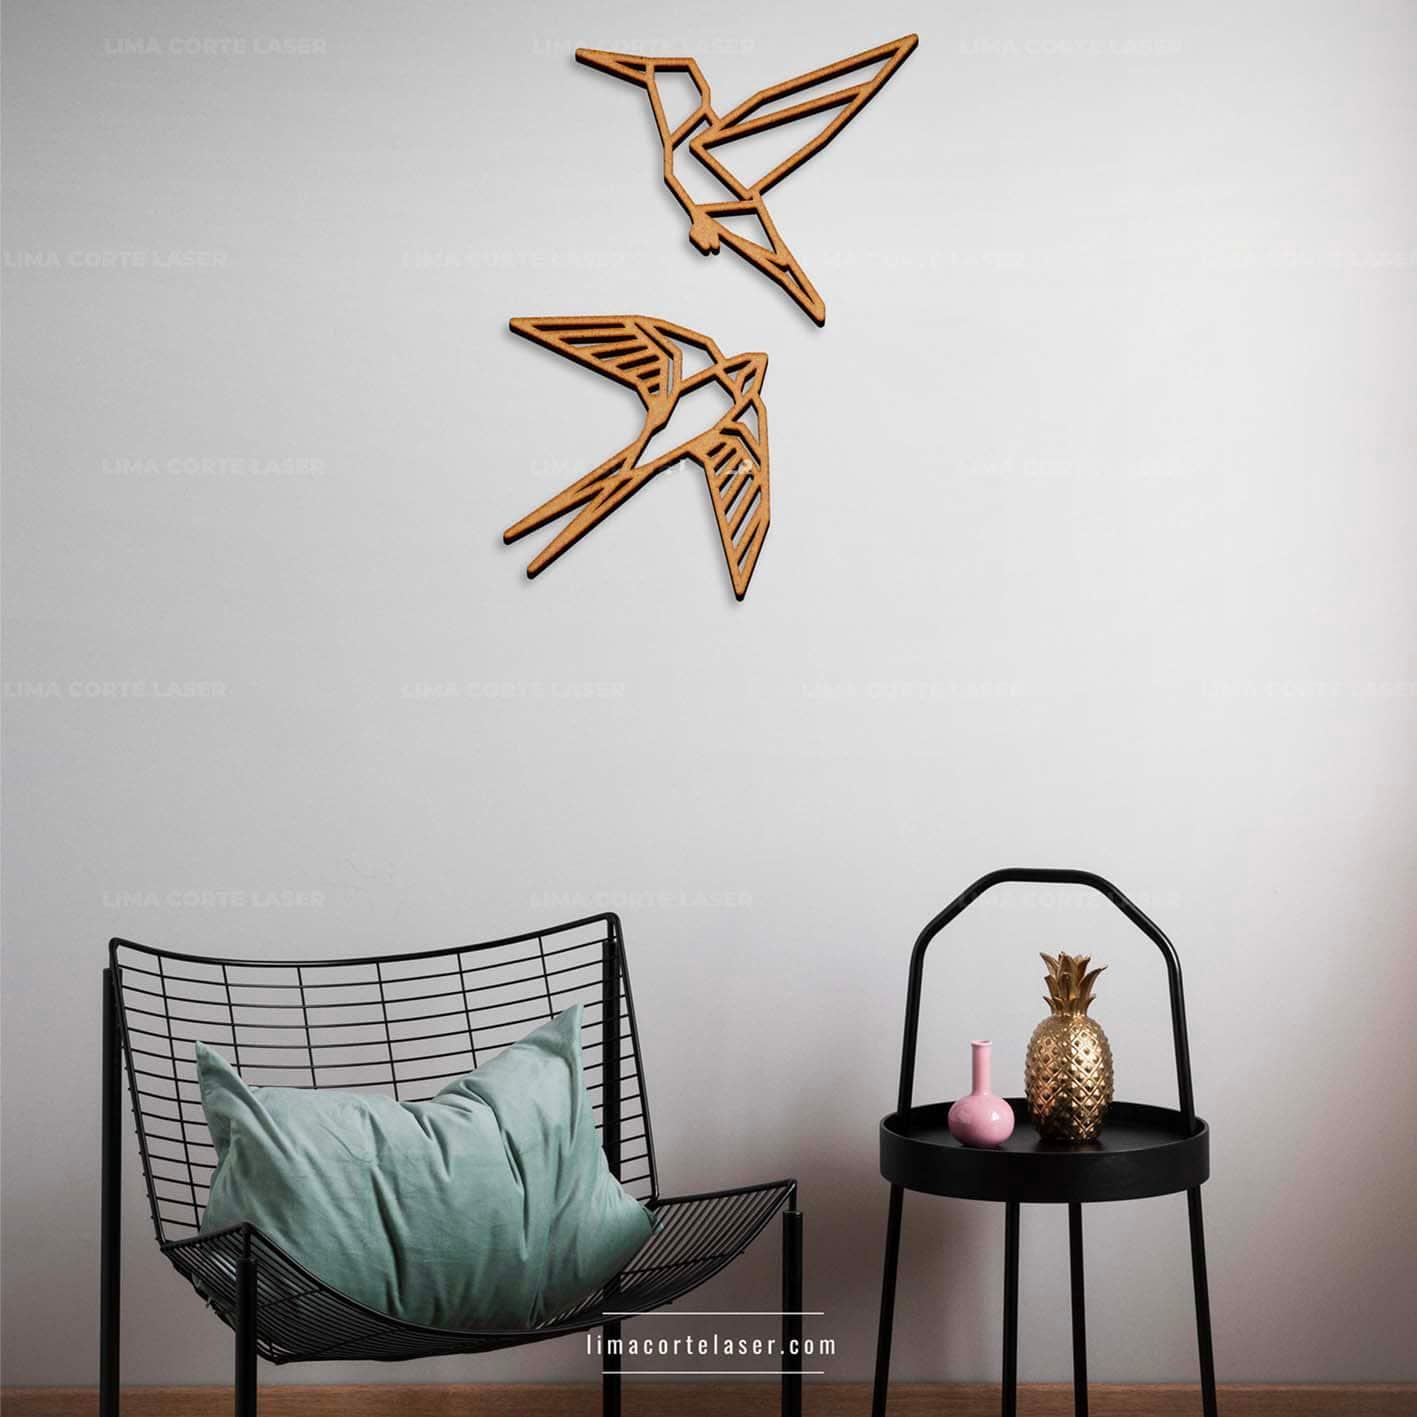 Corte láser MDF con la figura de colibrí y picaflor geométrico ideal para un adorno para pared